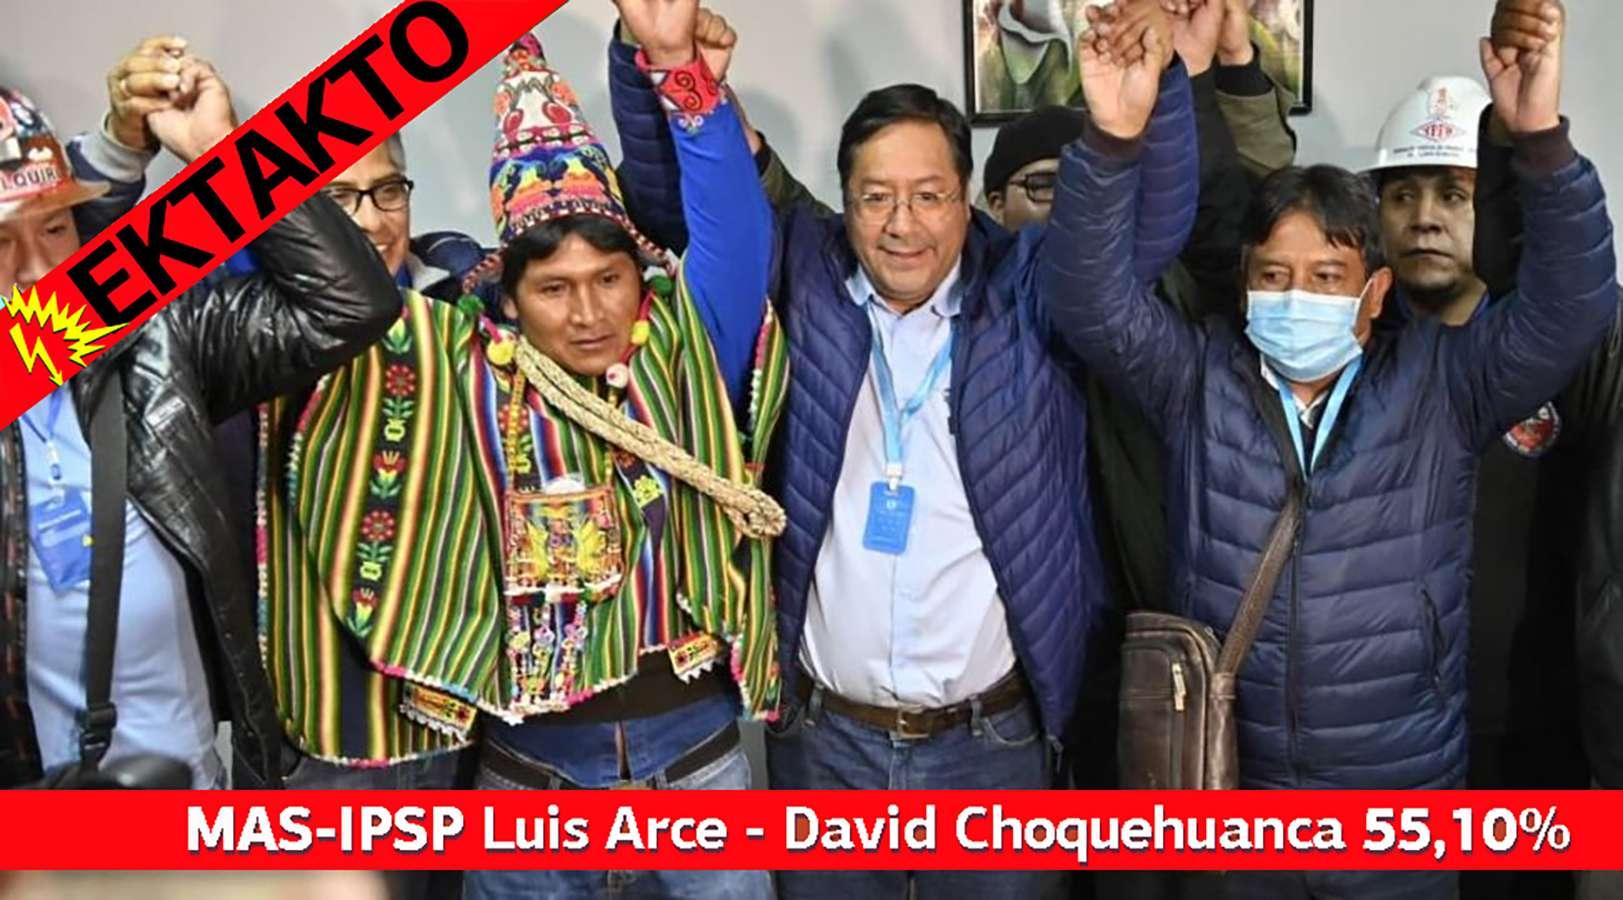 MAS IPSP Luis Arce David Choquehuanca por ciento